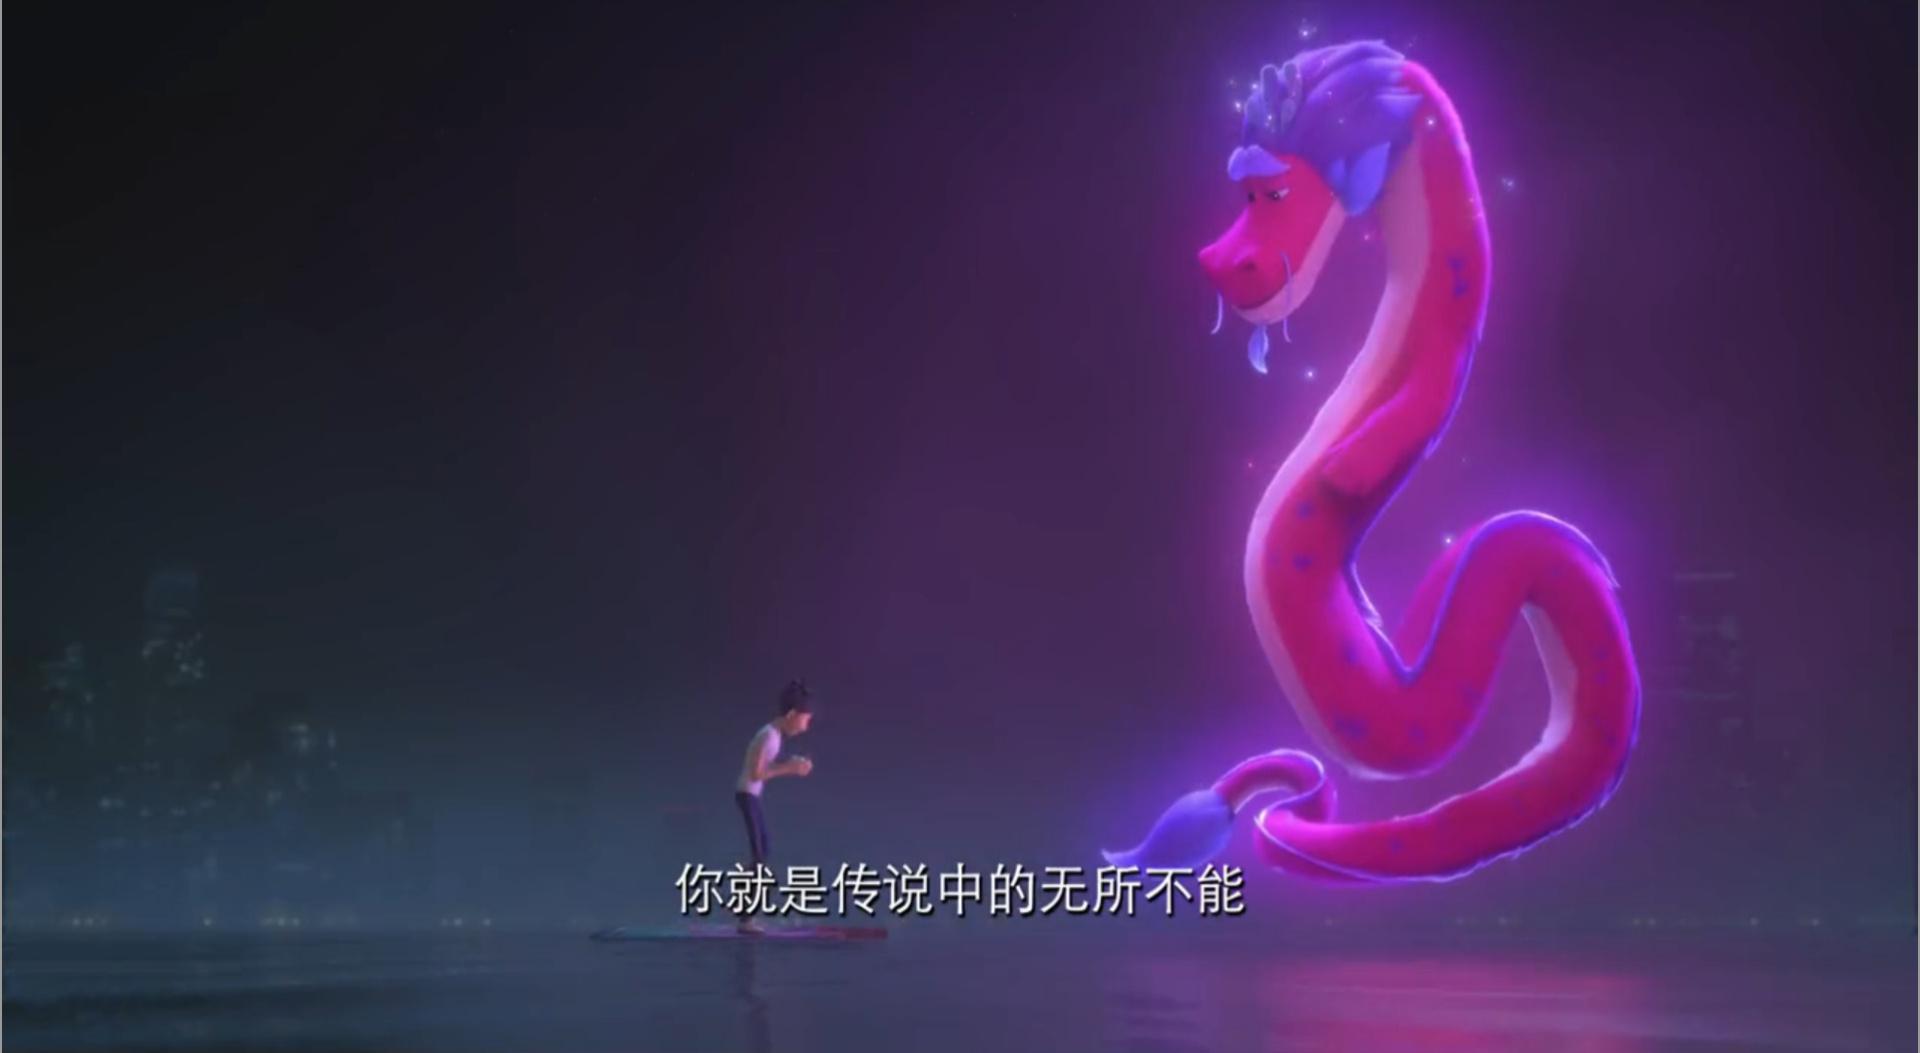 成龙配音!中美合拍动画片子《许愿神龙》曝预报